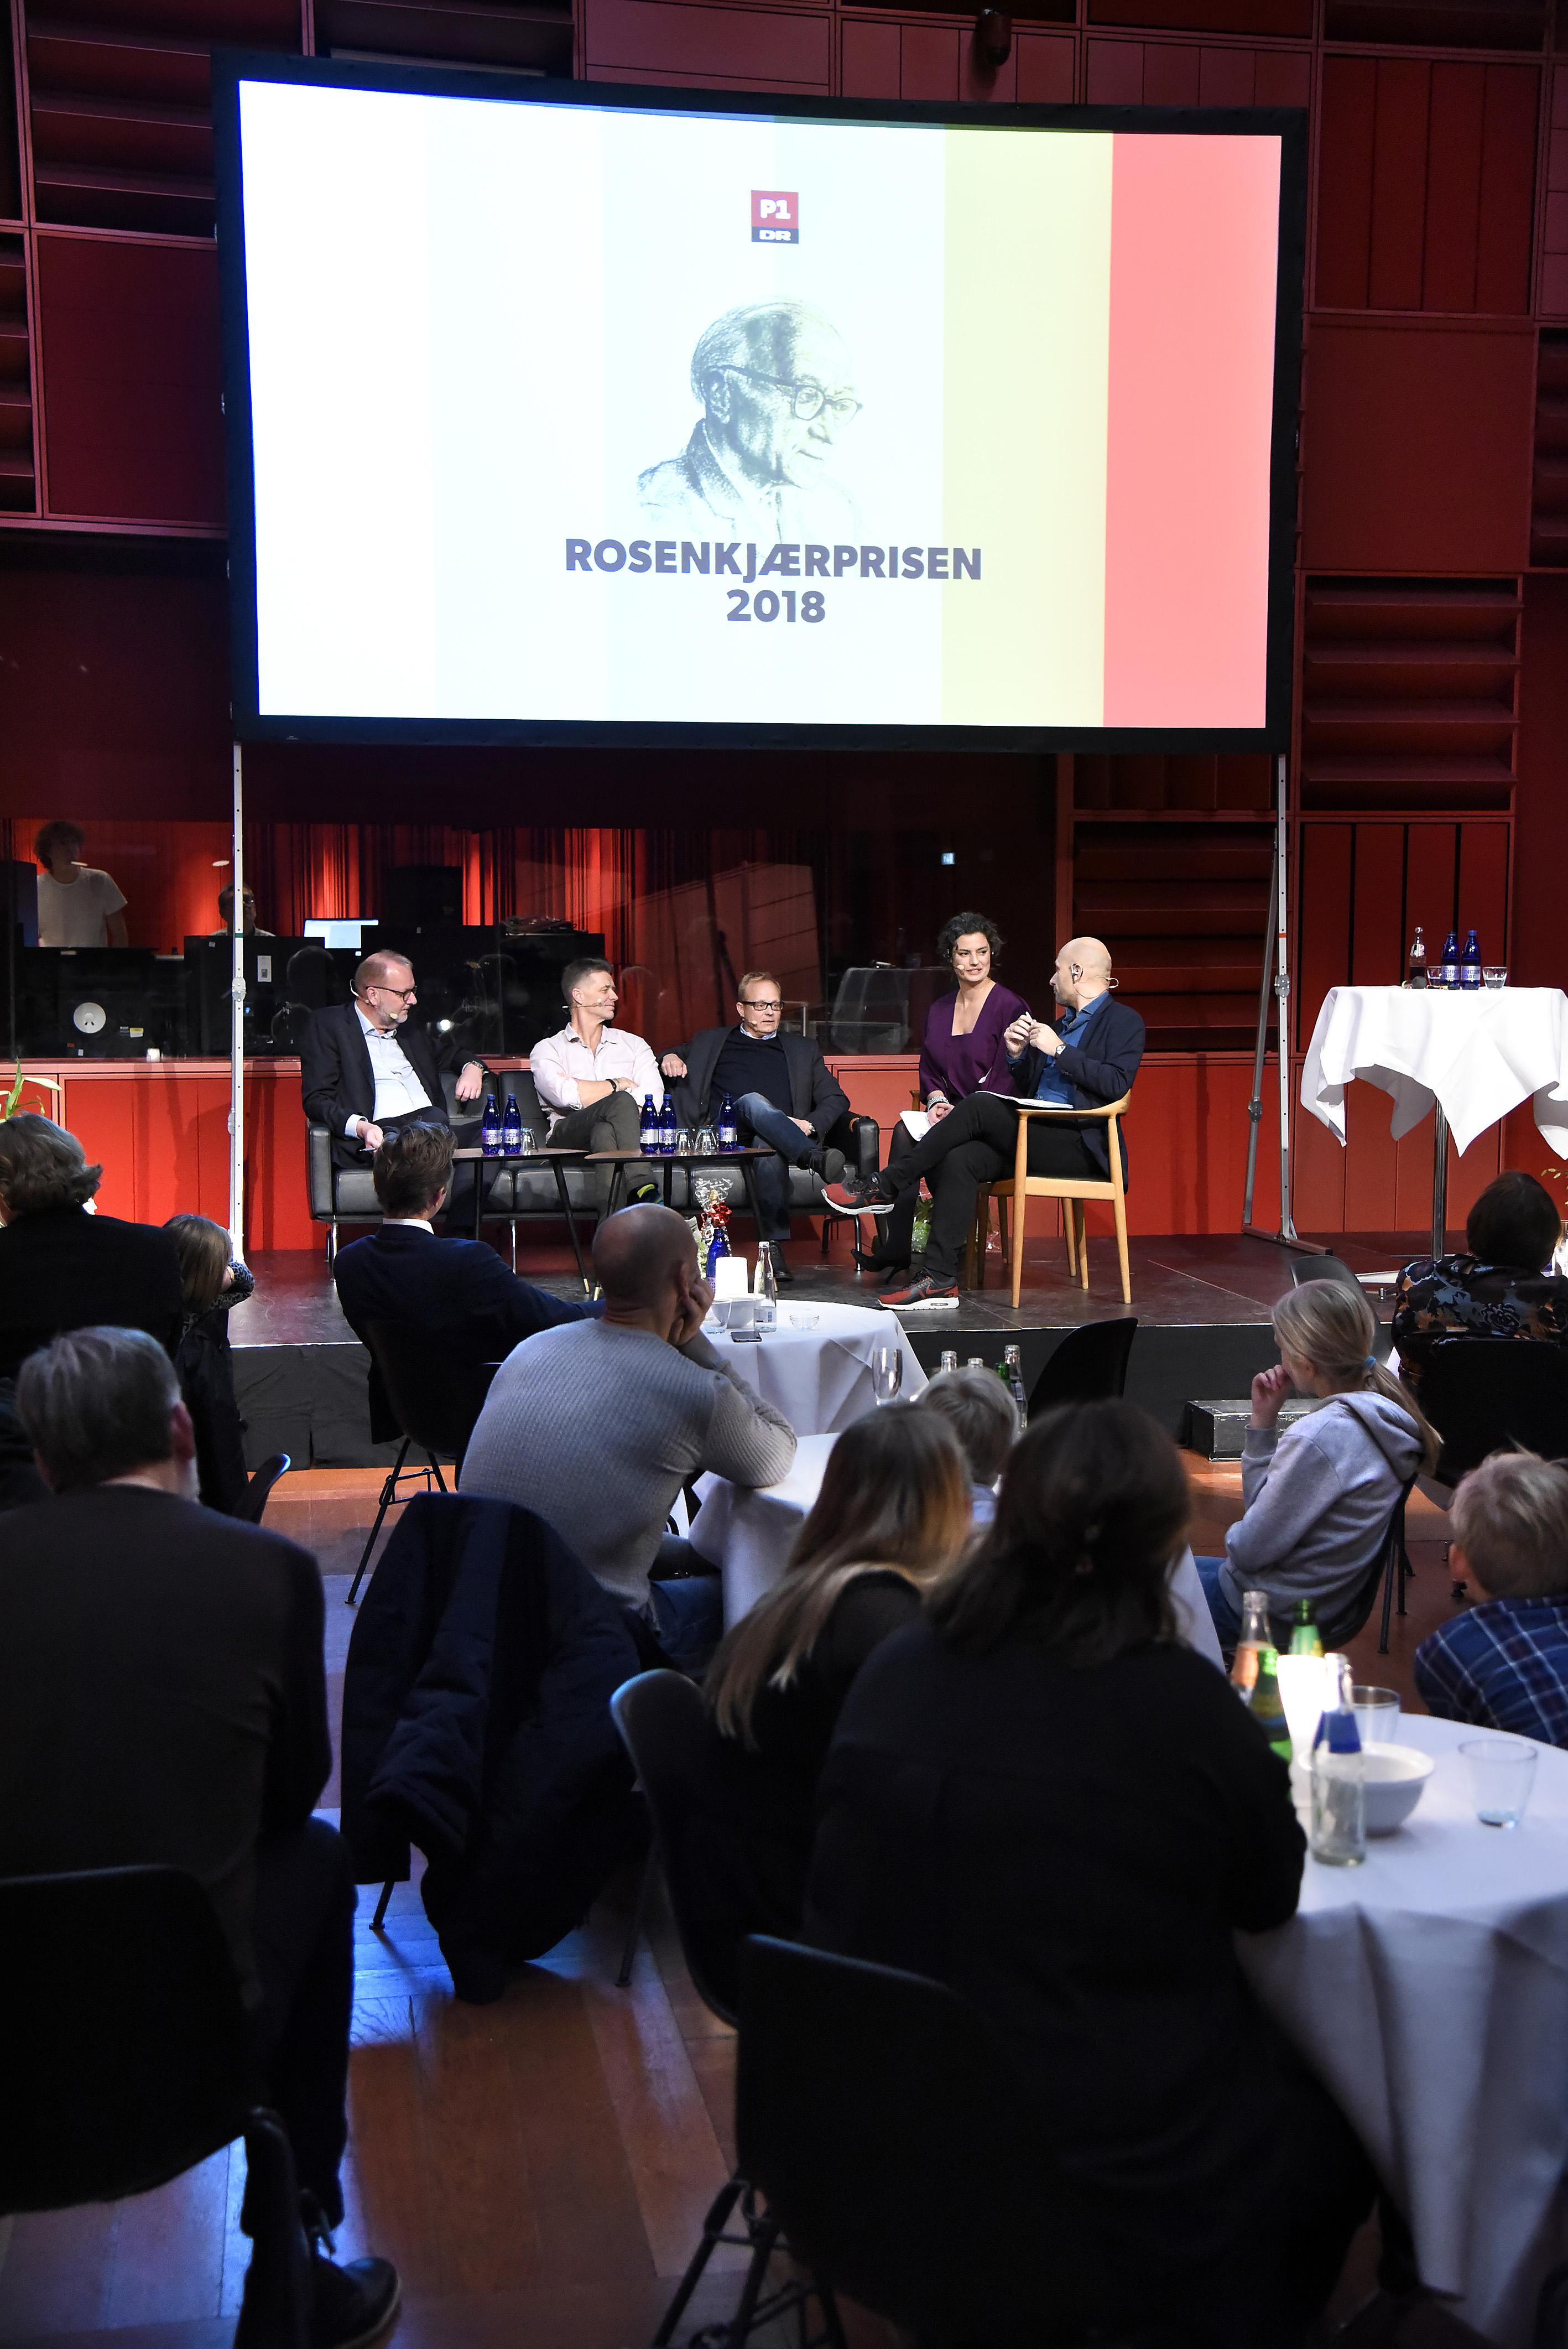 Rosenkjærprisen 2018